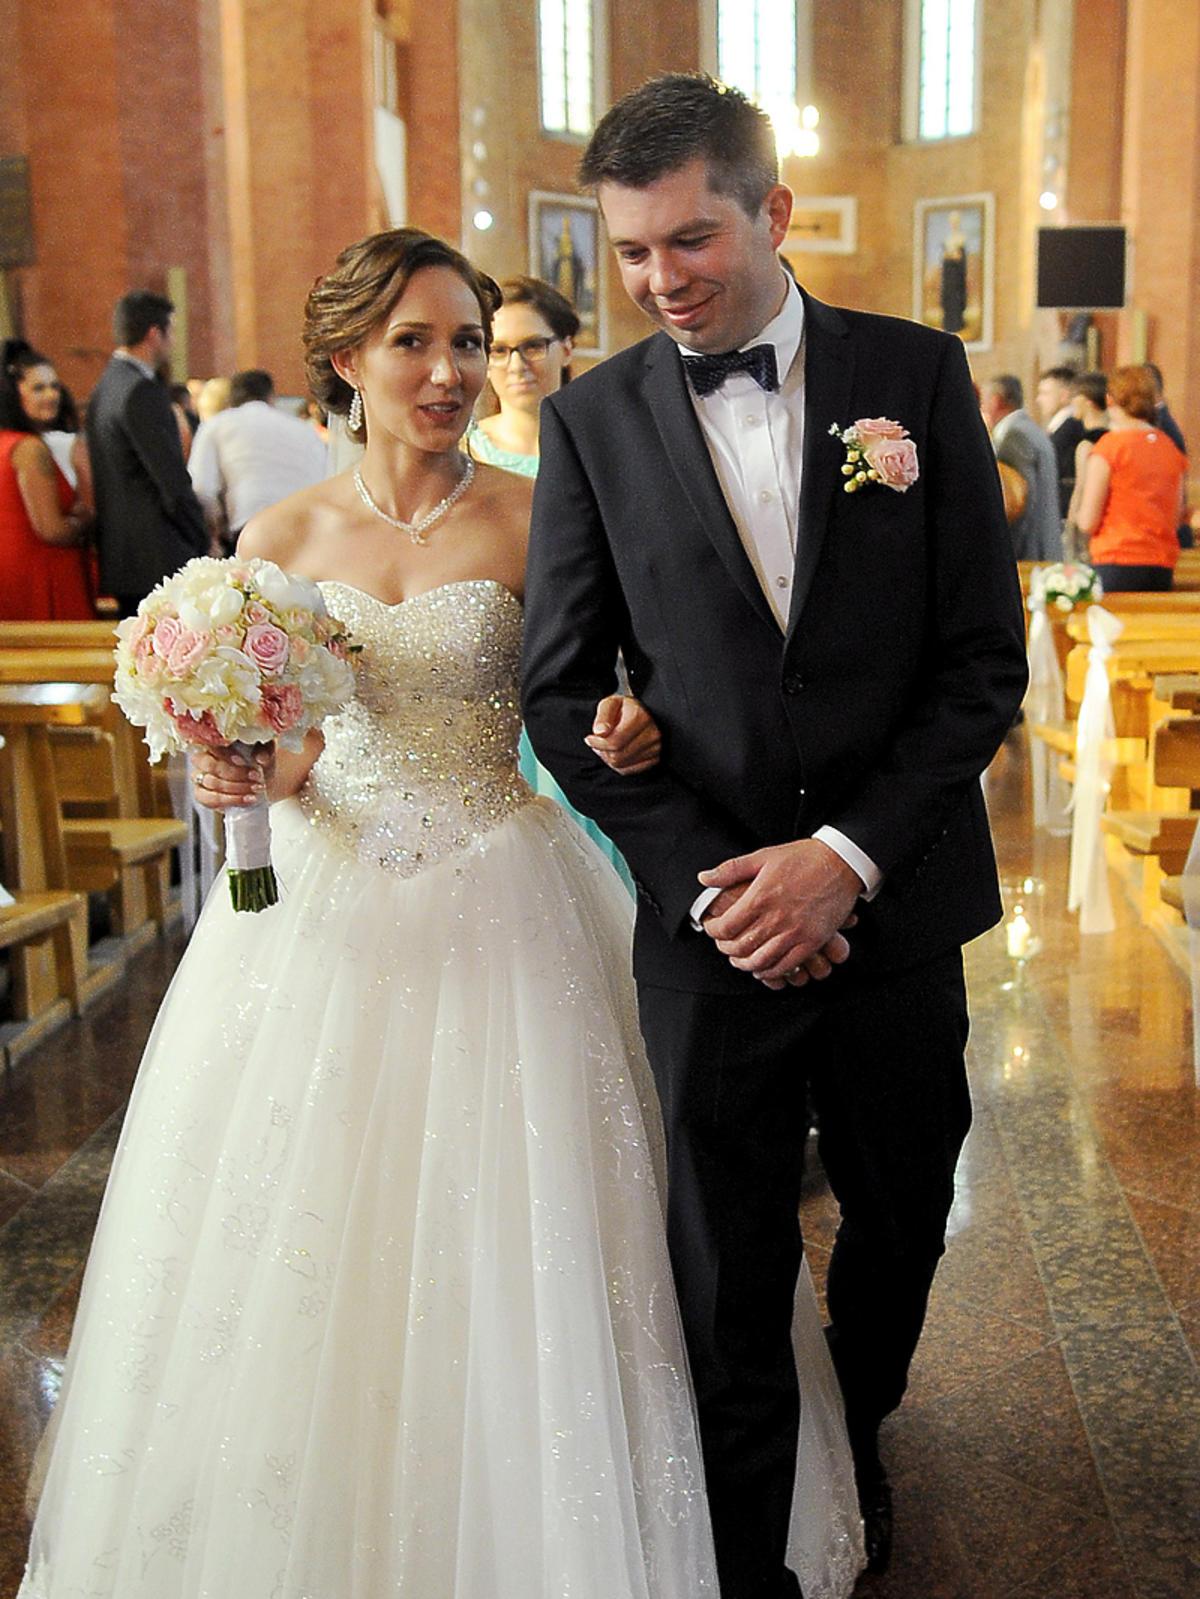 Paweł Szakiewicz z Rolnik szuka żony ożenił się. Zdjęcia z wesela, szczegóły